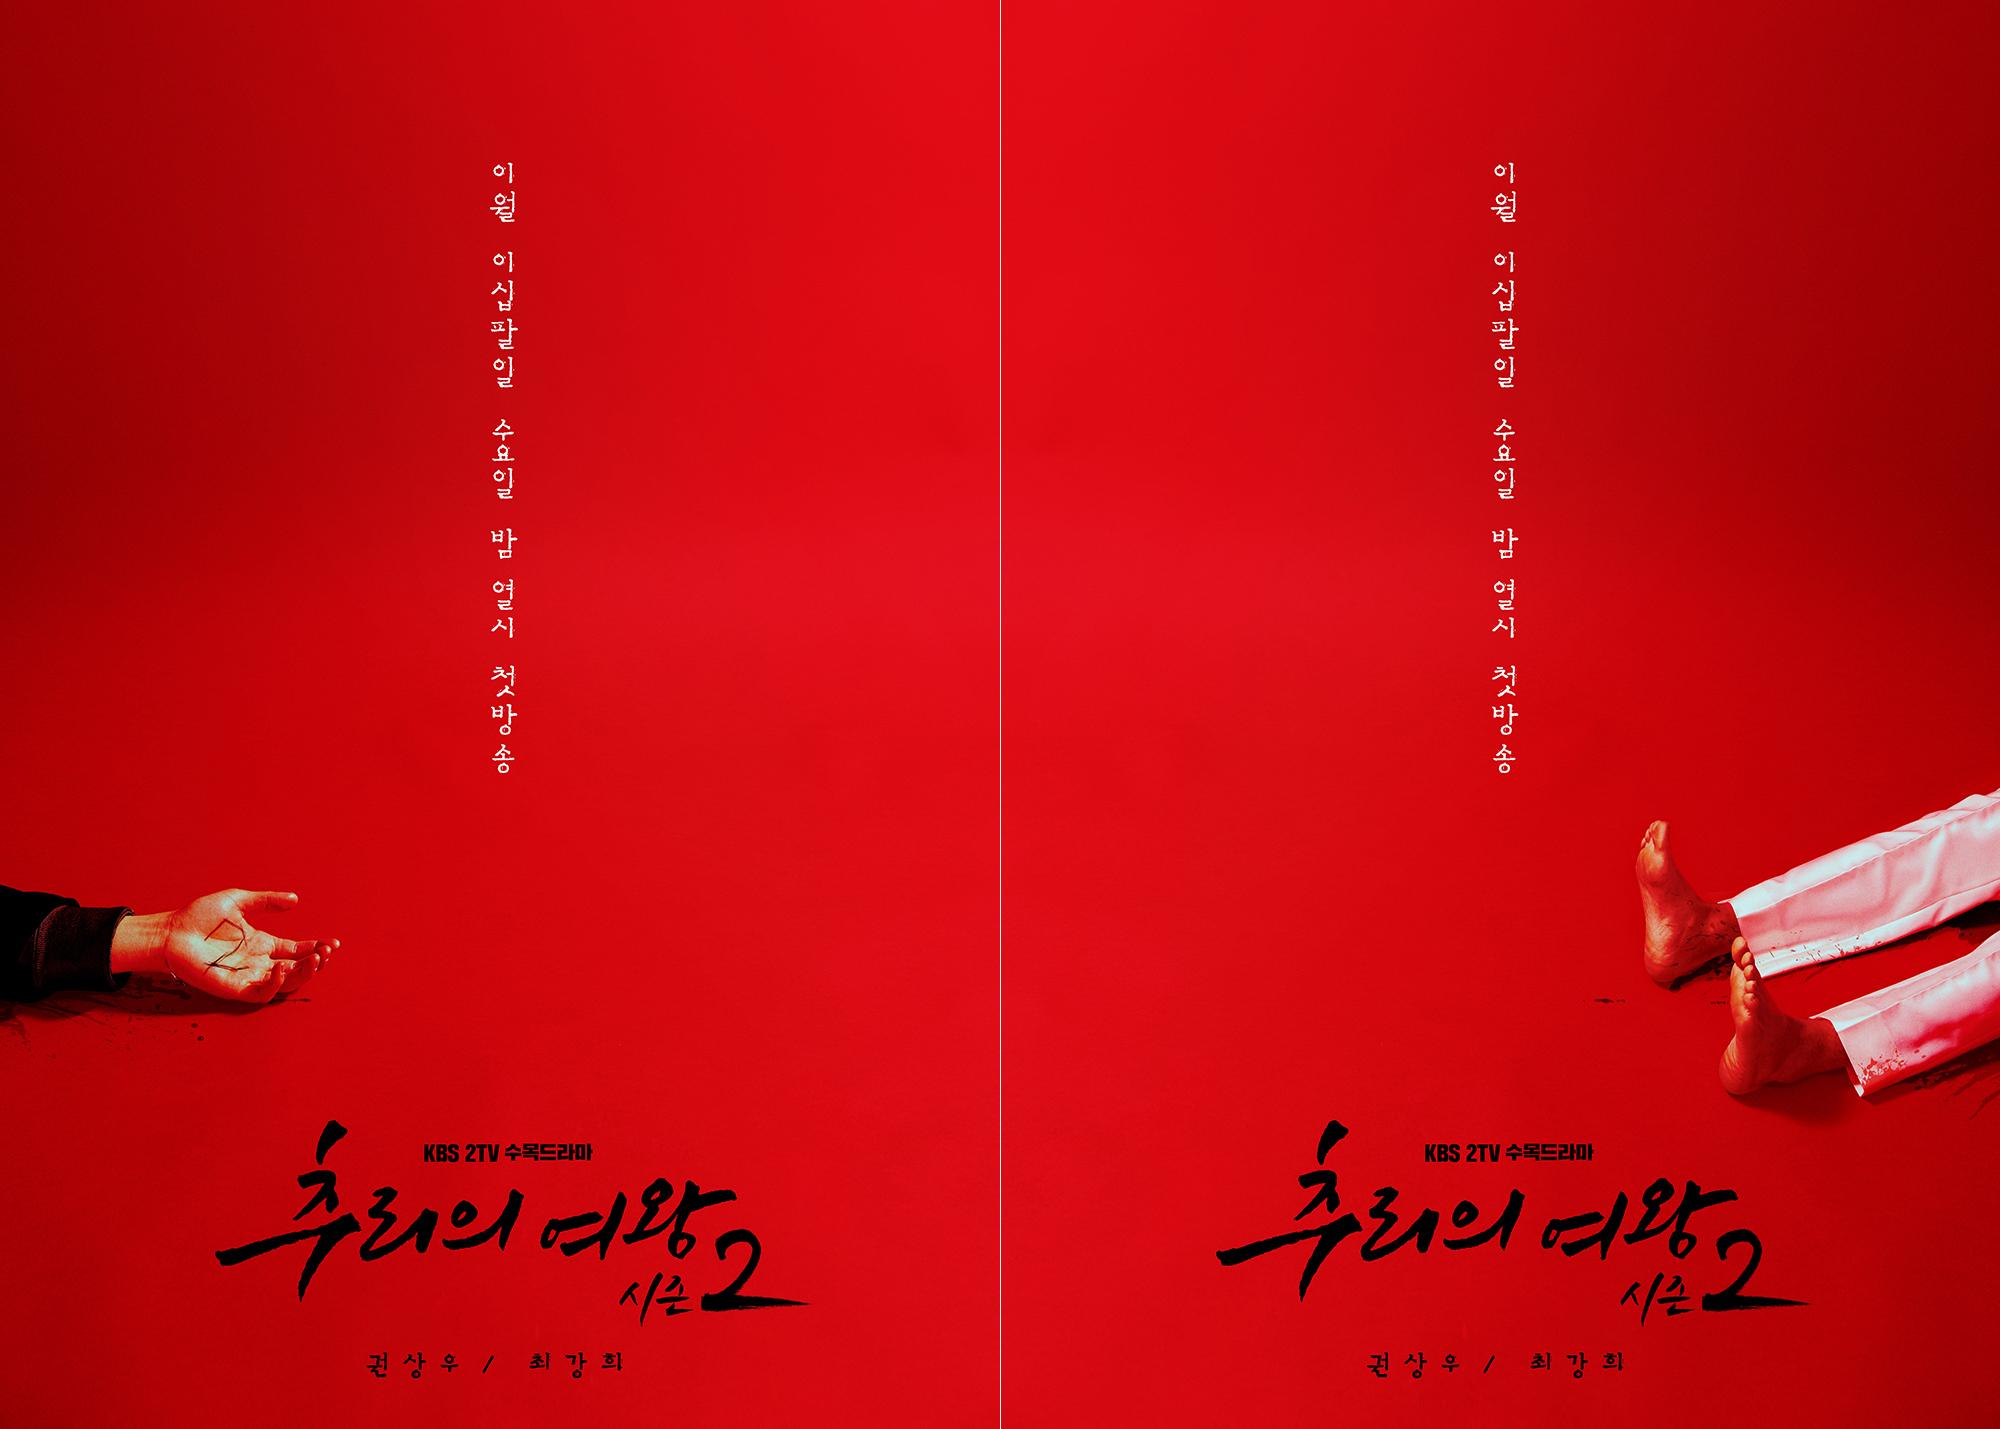 '추리의 여왕 시즌2' 핏빛으로 물든 1차 티저 포스터 공개!